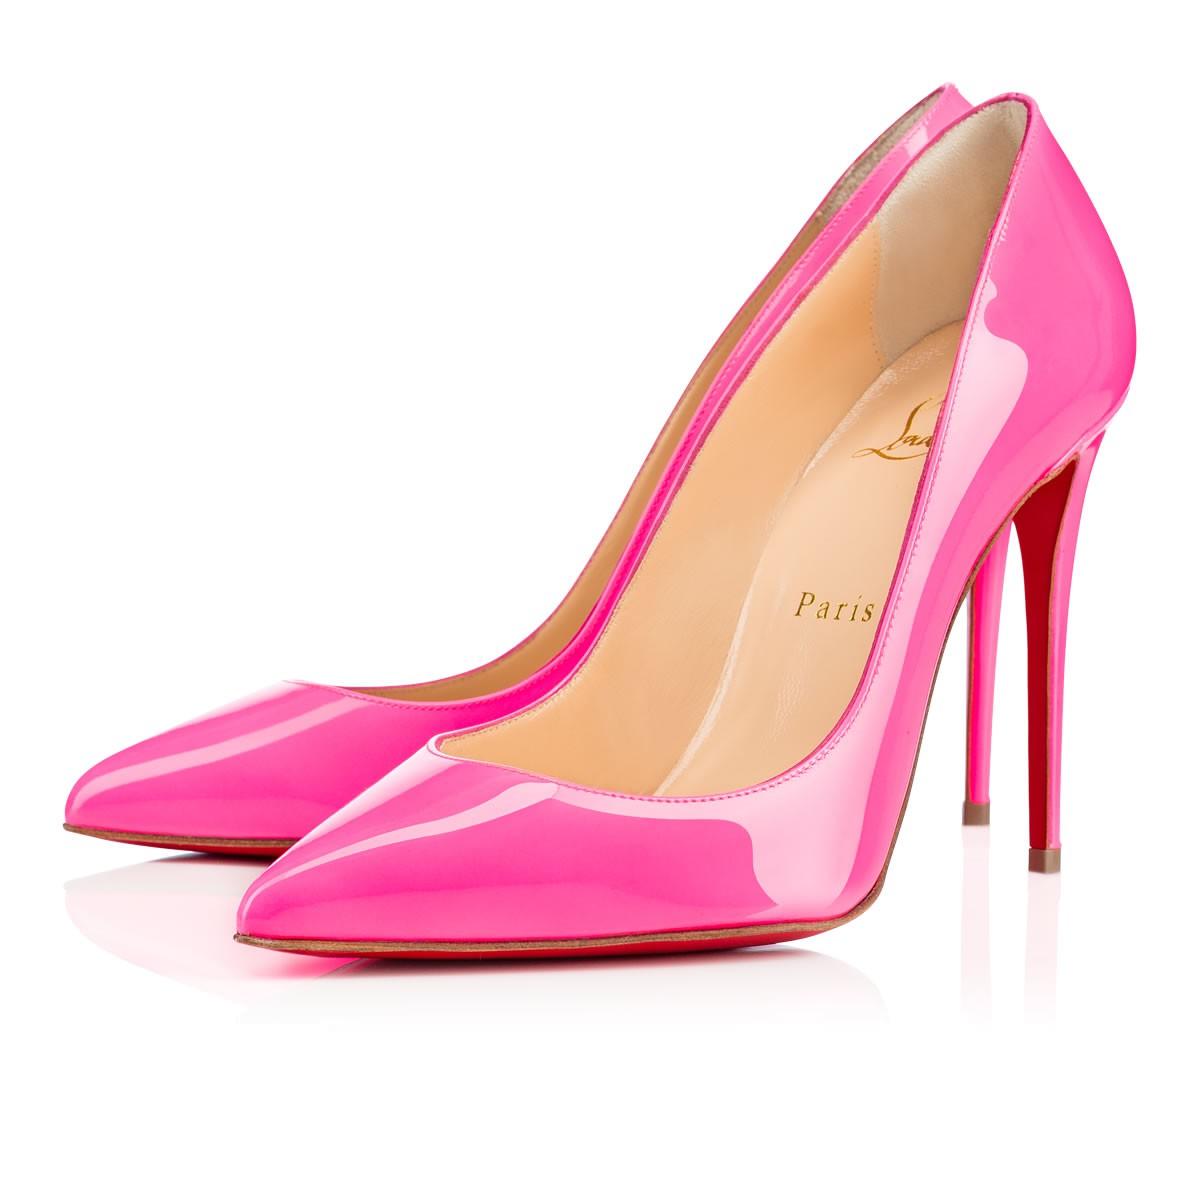 Розовые туфли лабутены, модель Pigalle Follies